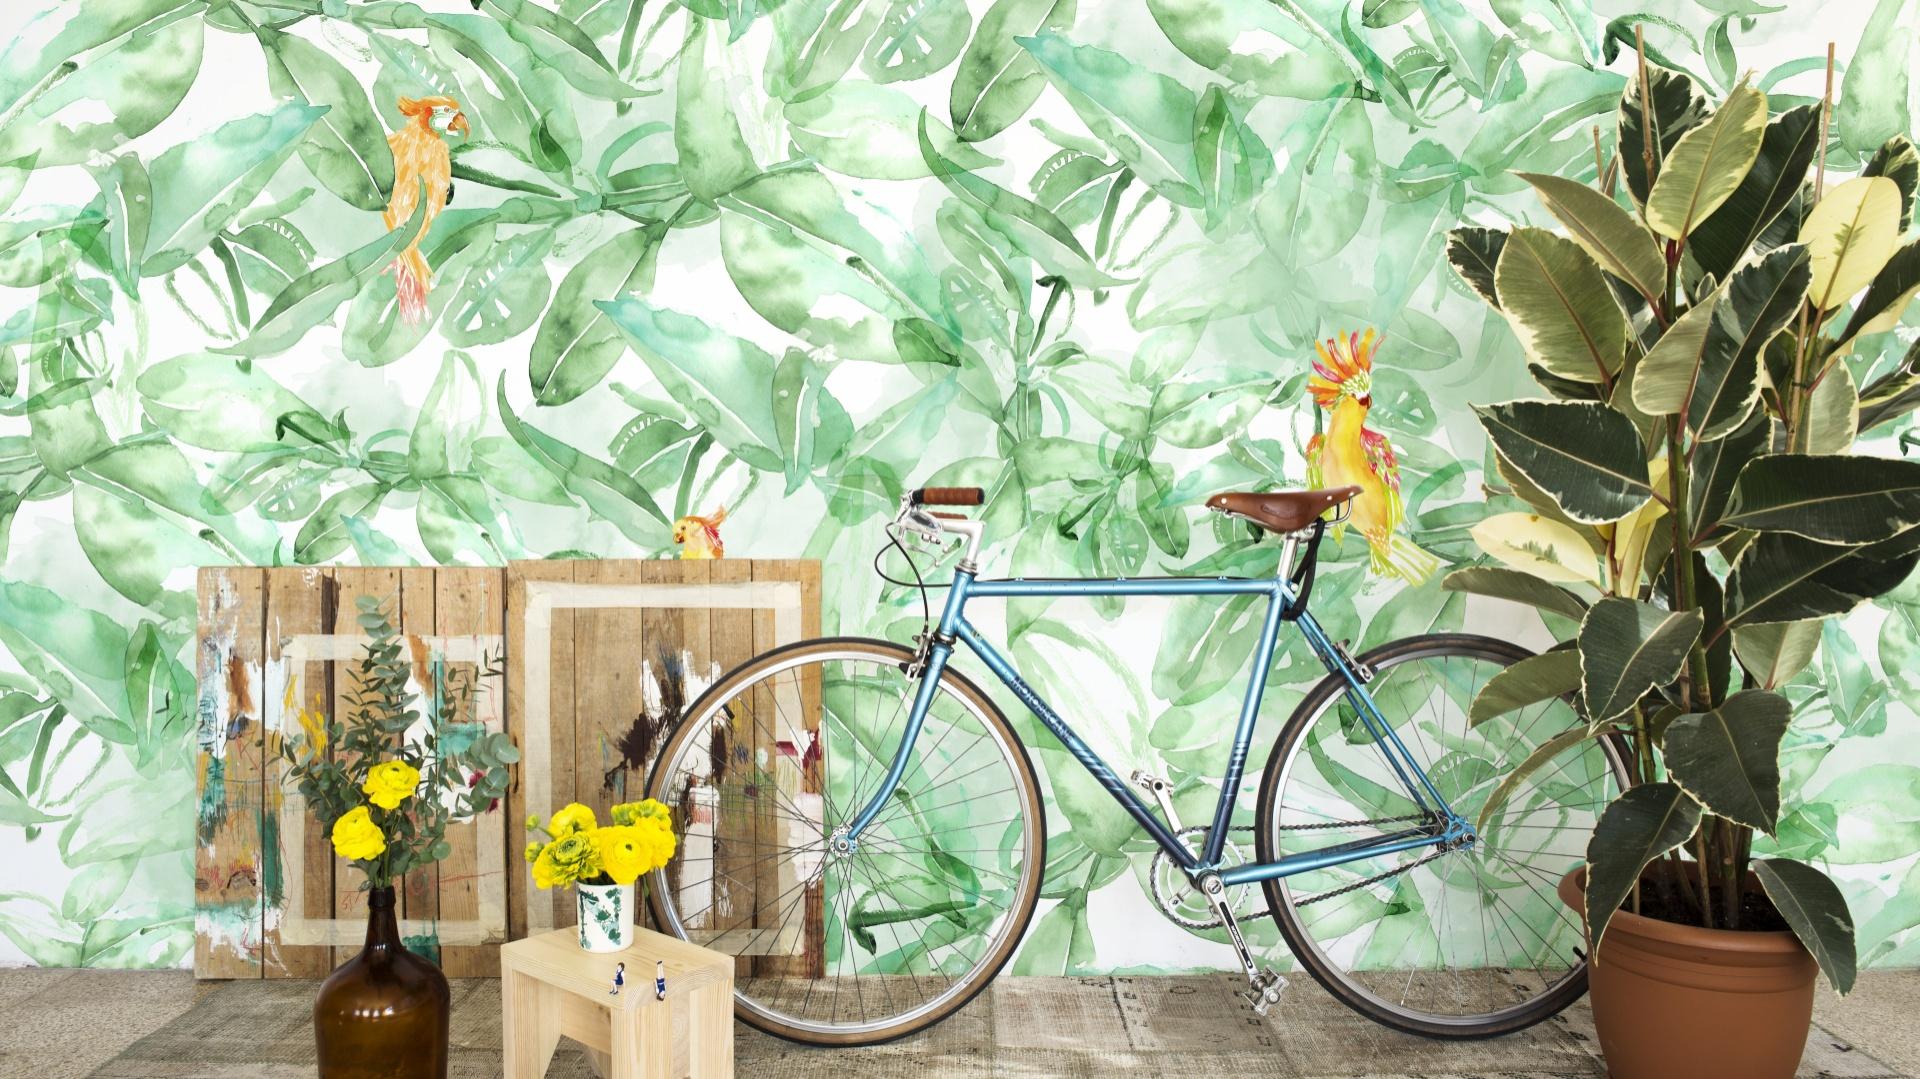 Tapeta ścienna Cordonne z kolekcji Lara Costafreda przeniesie nas prosto do tropikalnej dżungli. Modny malarski efekt! Fot. Cordonne.